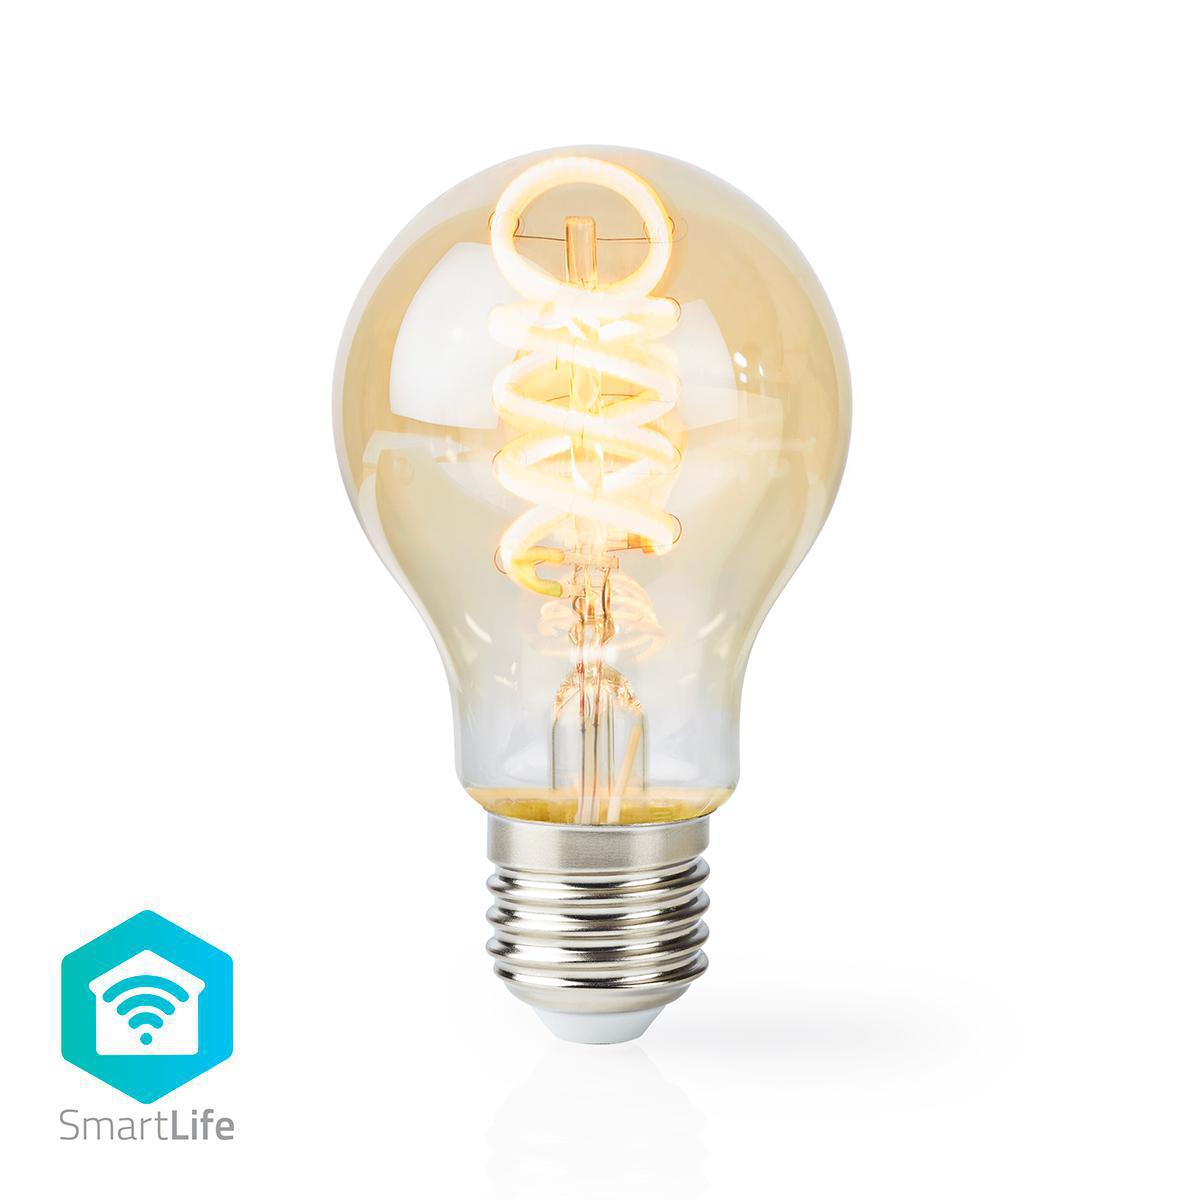 Slimme WiFi LED lamp - in kleur verstelbaar - 1800K warm wit - 6500K daglicht E27 spiraal lamp - dimbaar - app besturing - 5,5W